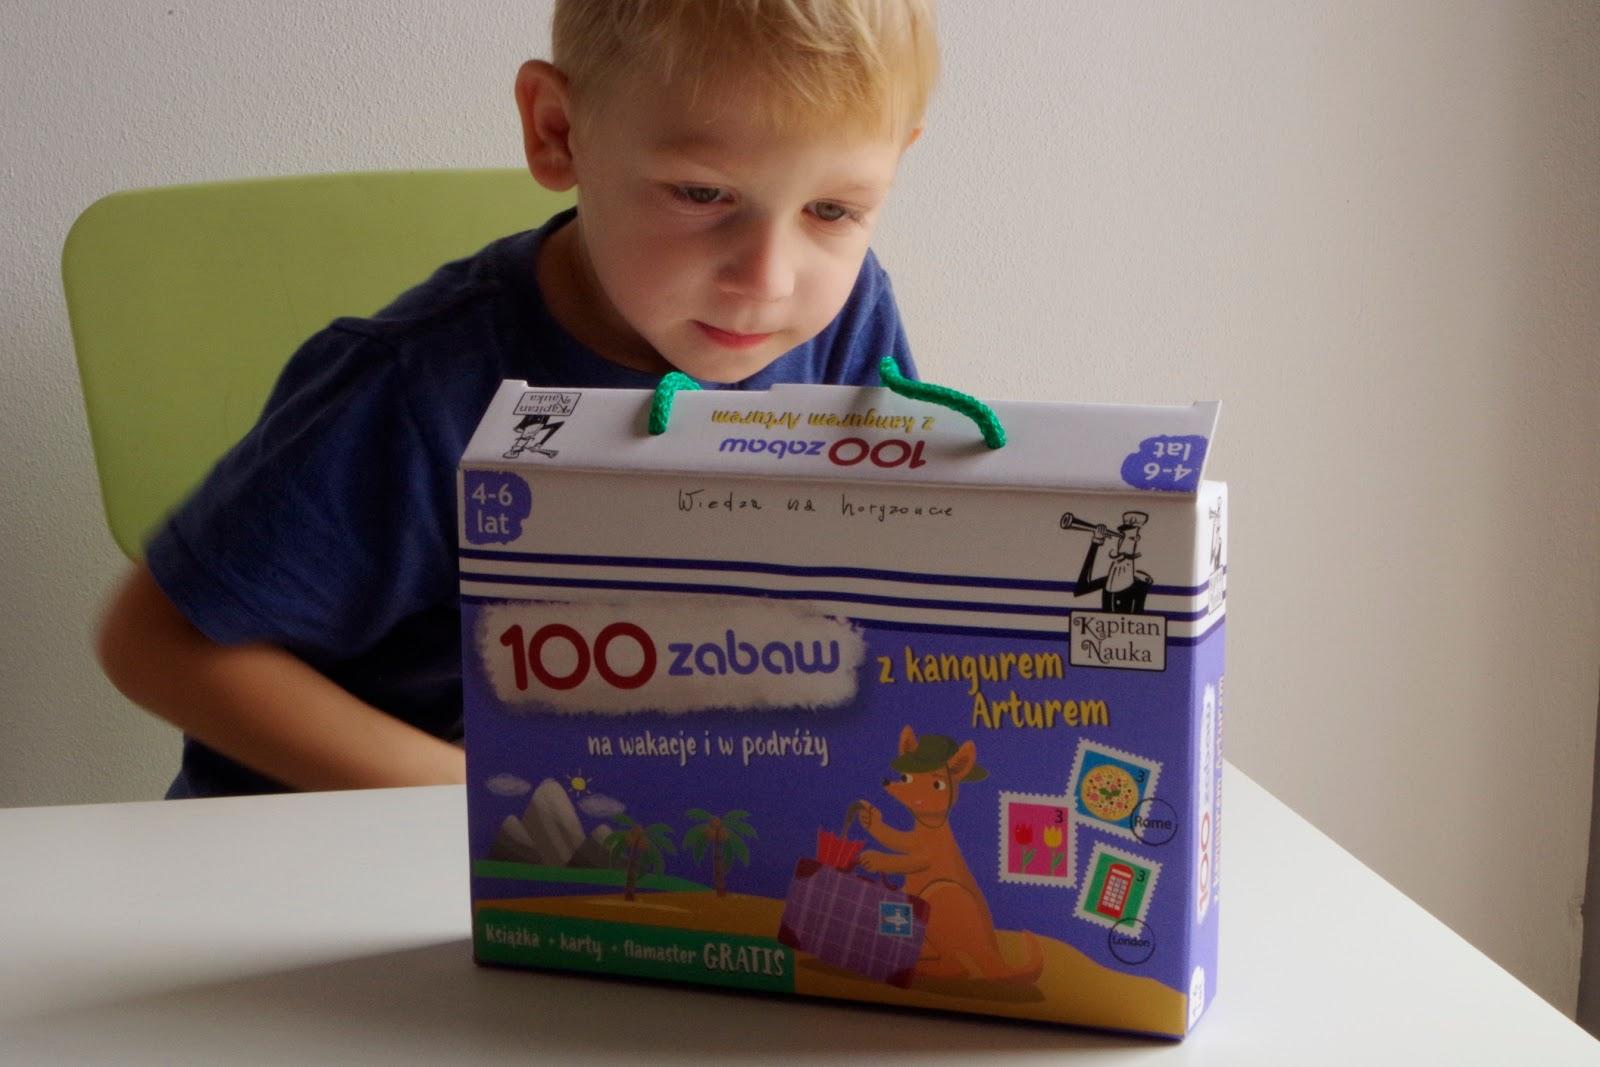 100 zabaw z kangurem Arturem